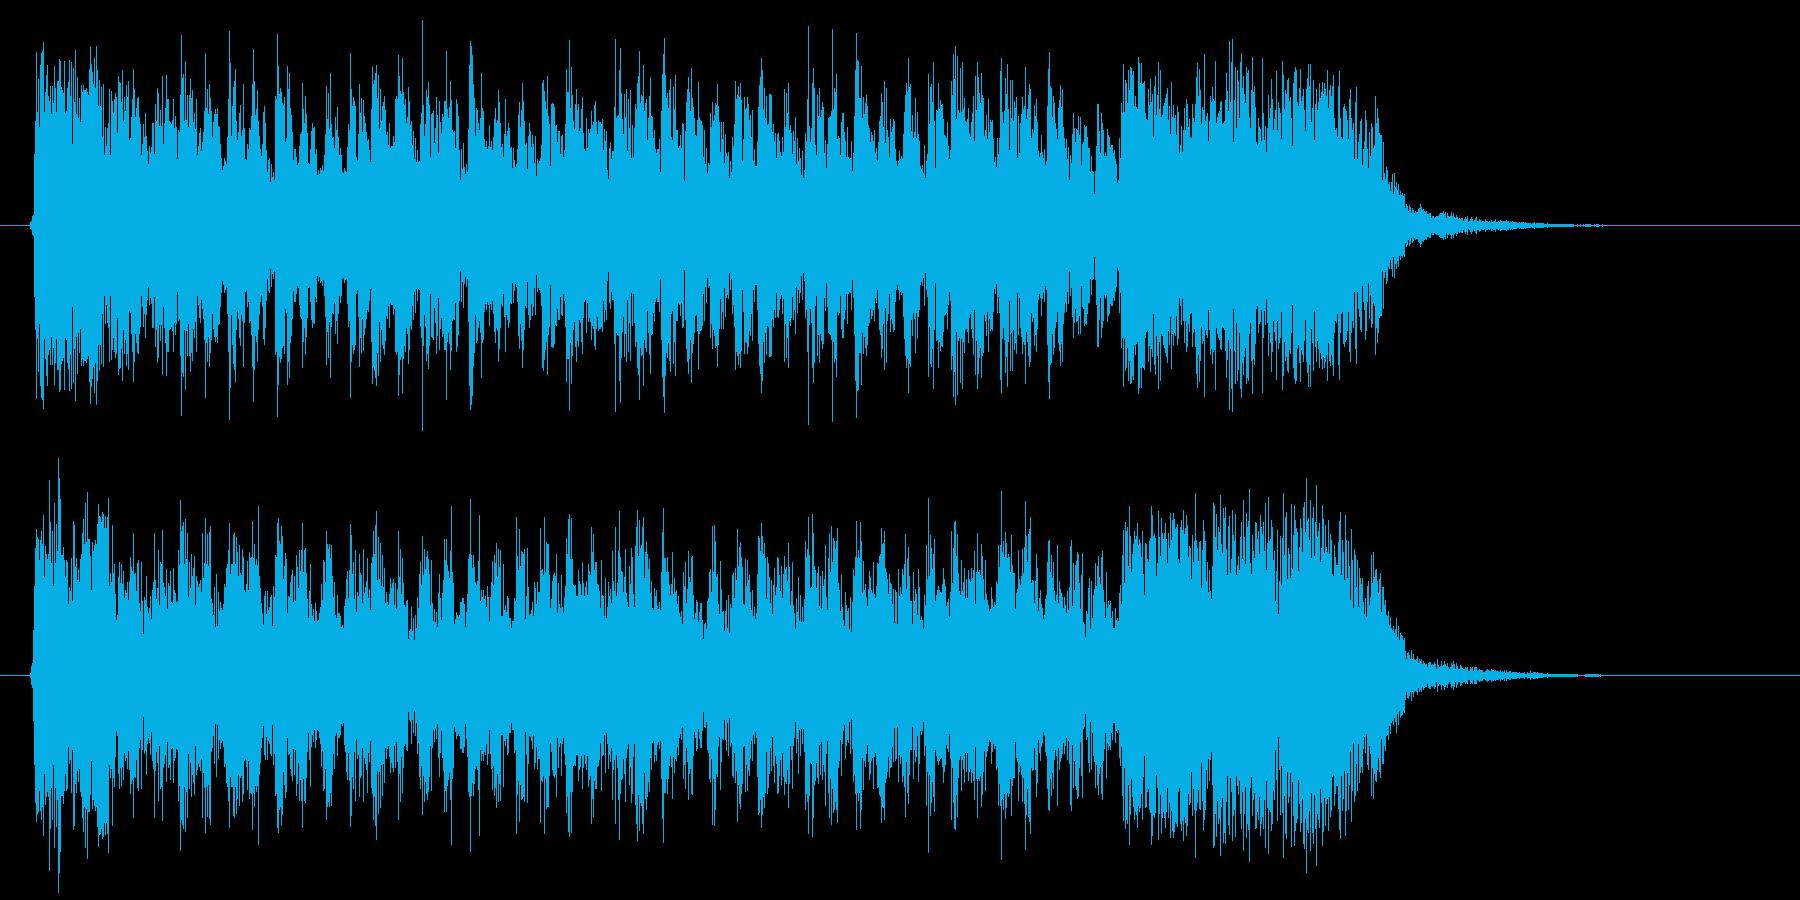 ダークで緩やかなシンセジングルの再生済みの波形